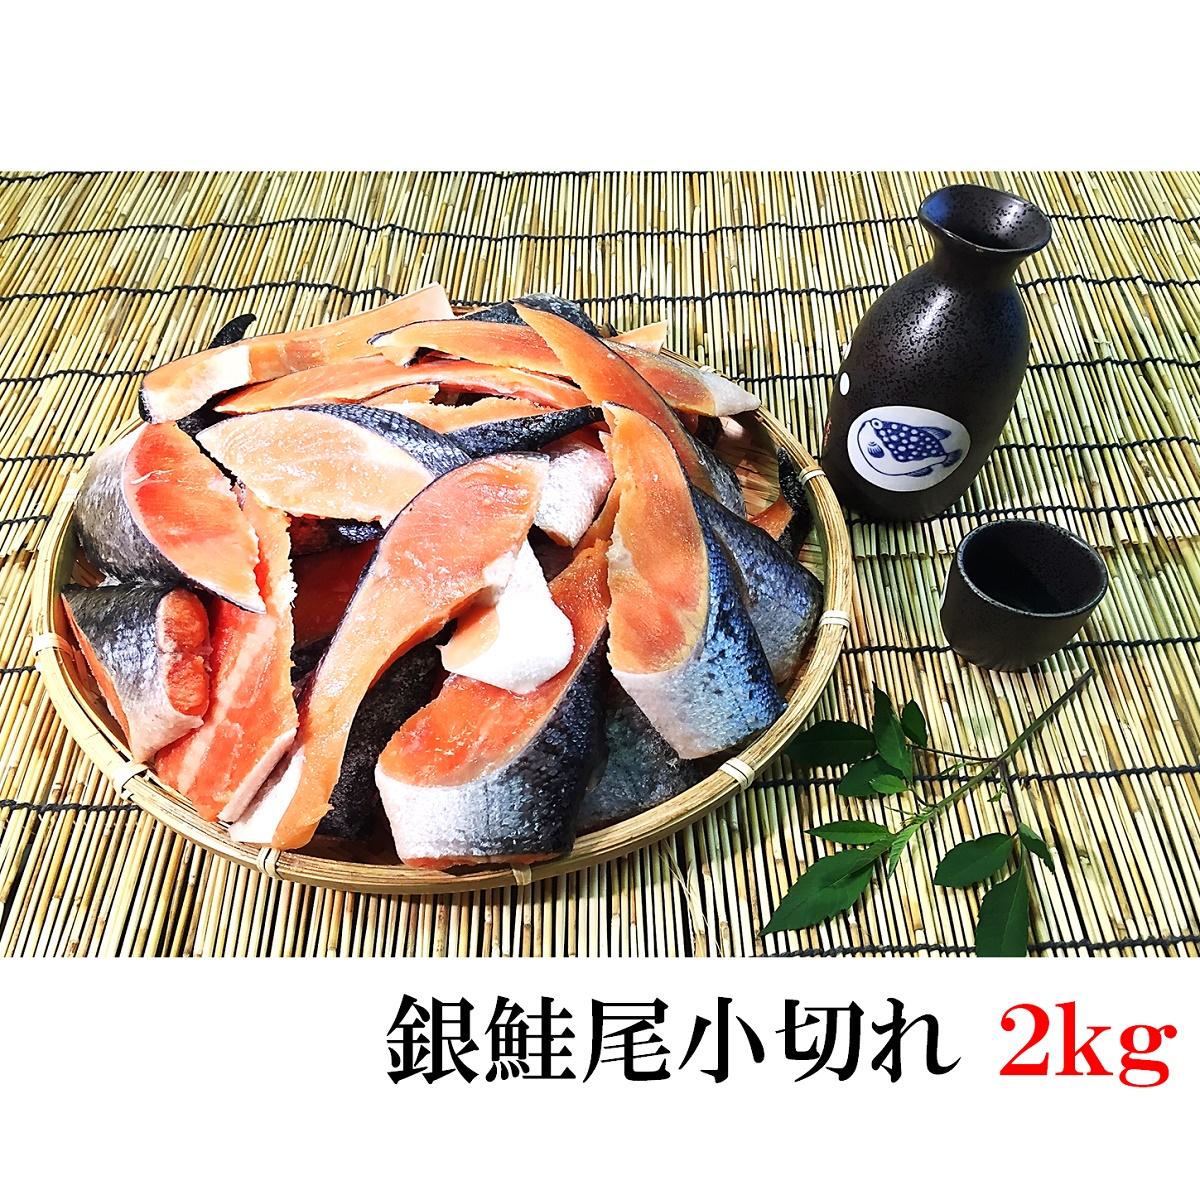 送料無料でお届けします 脂がのっておいしい銀鮭の小切れ 新作送料無料 訳あり銀鮭尾小切れ2kg